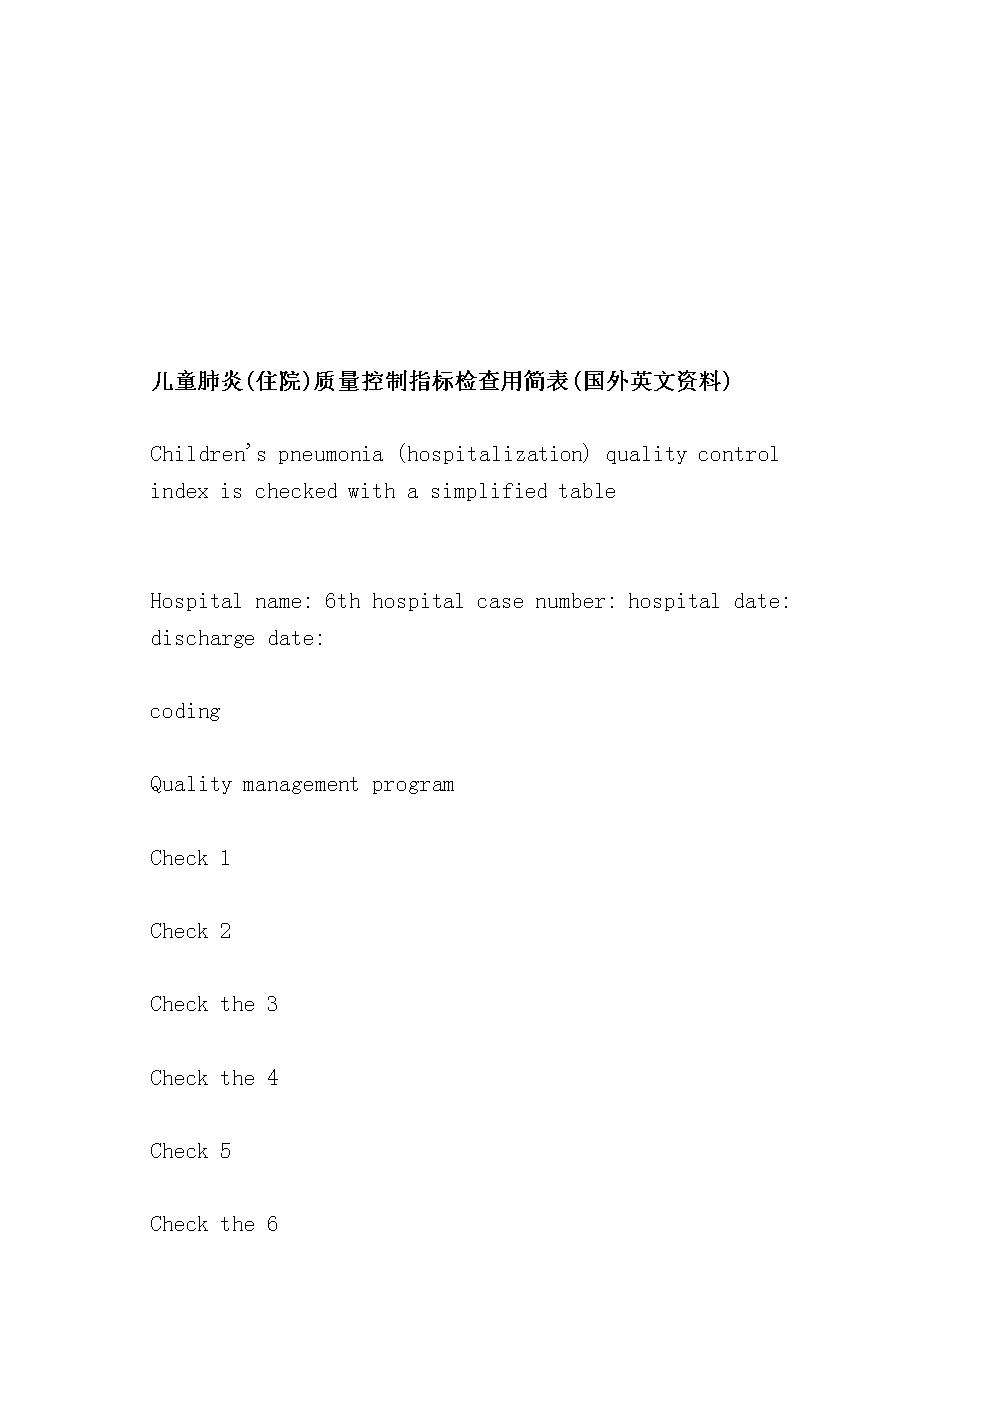 儿童肺炎(住院)质量操极目标检查用简表(国外英